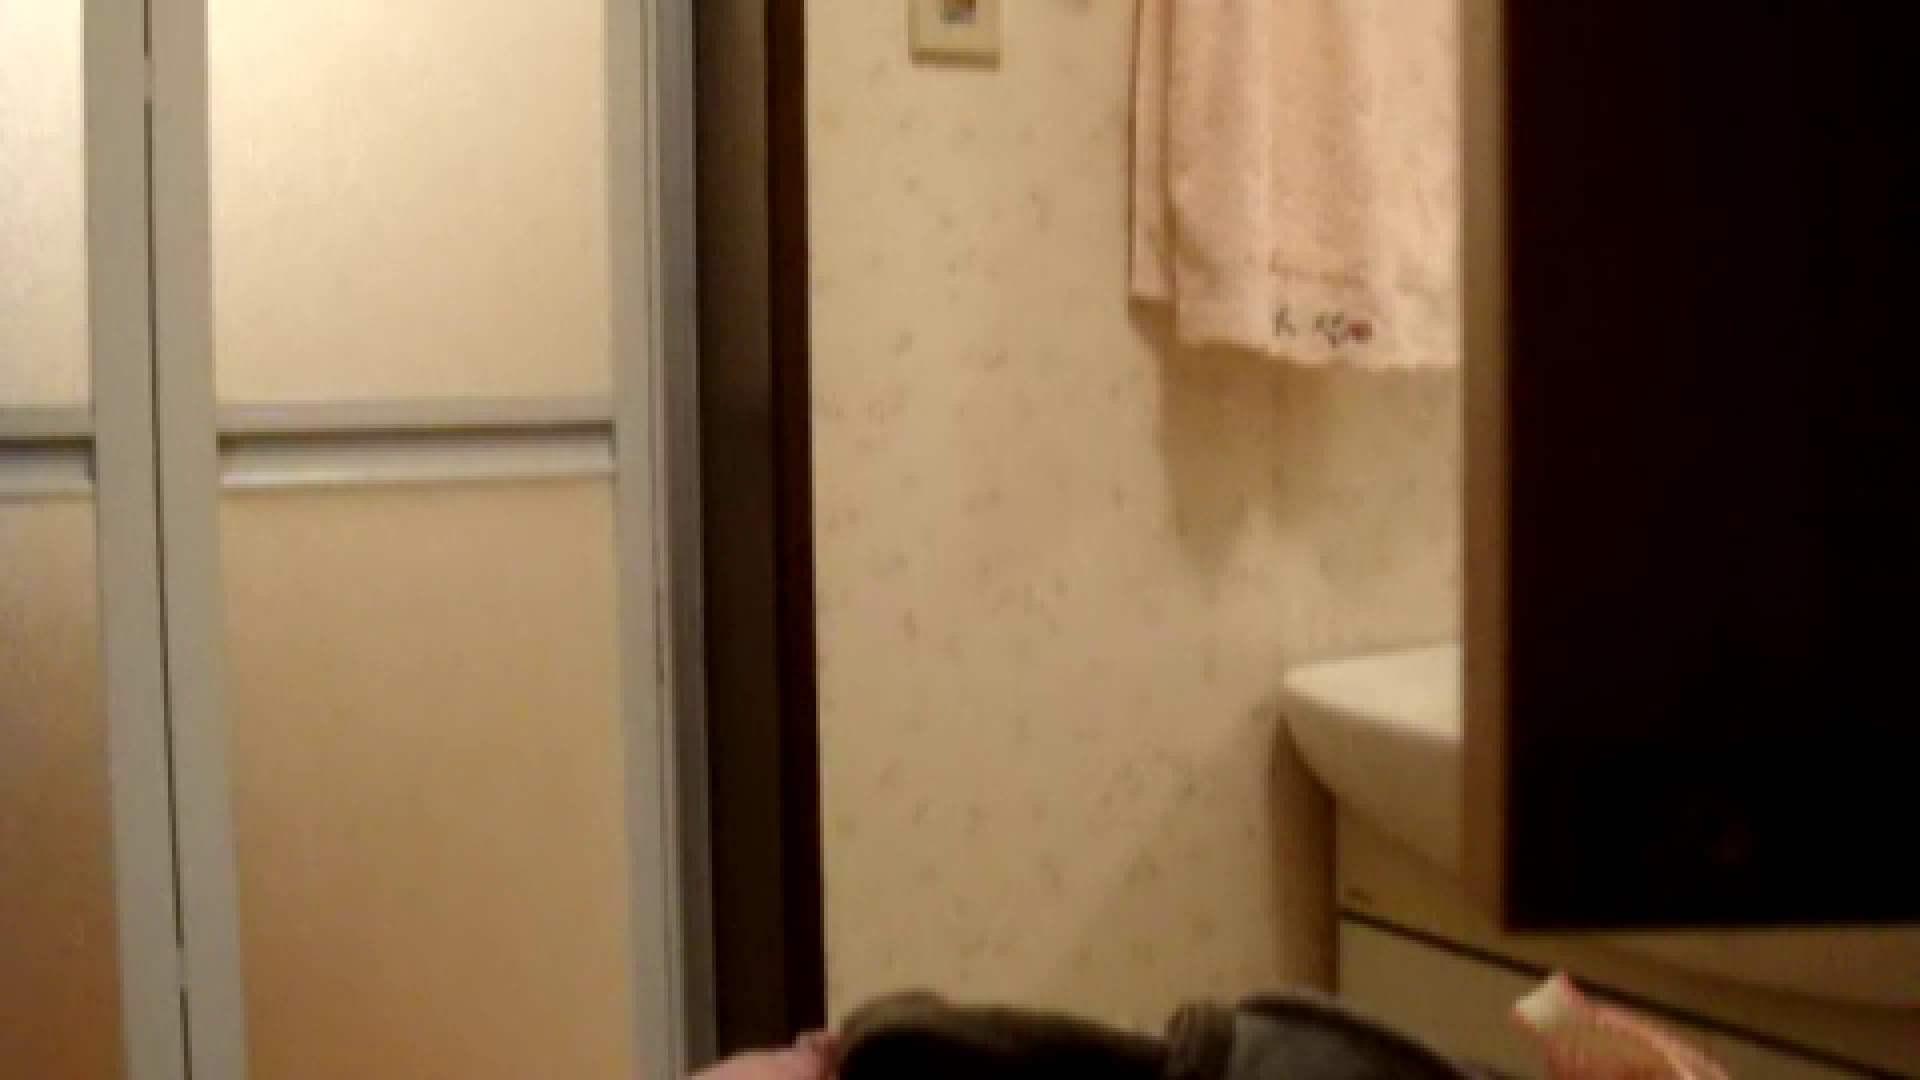 vol.8 まどかの入浴、完全にバレたと思いました。 OL   入浴シーン  76連発 56